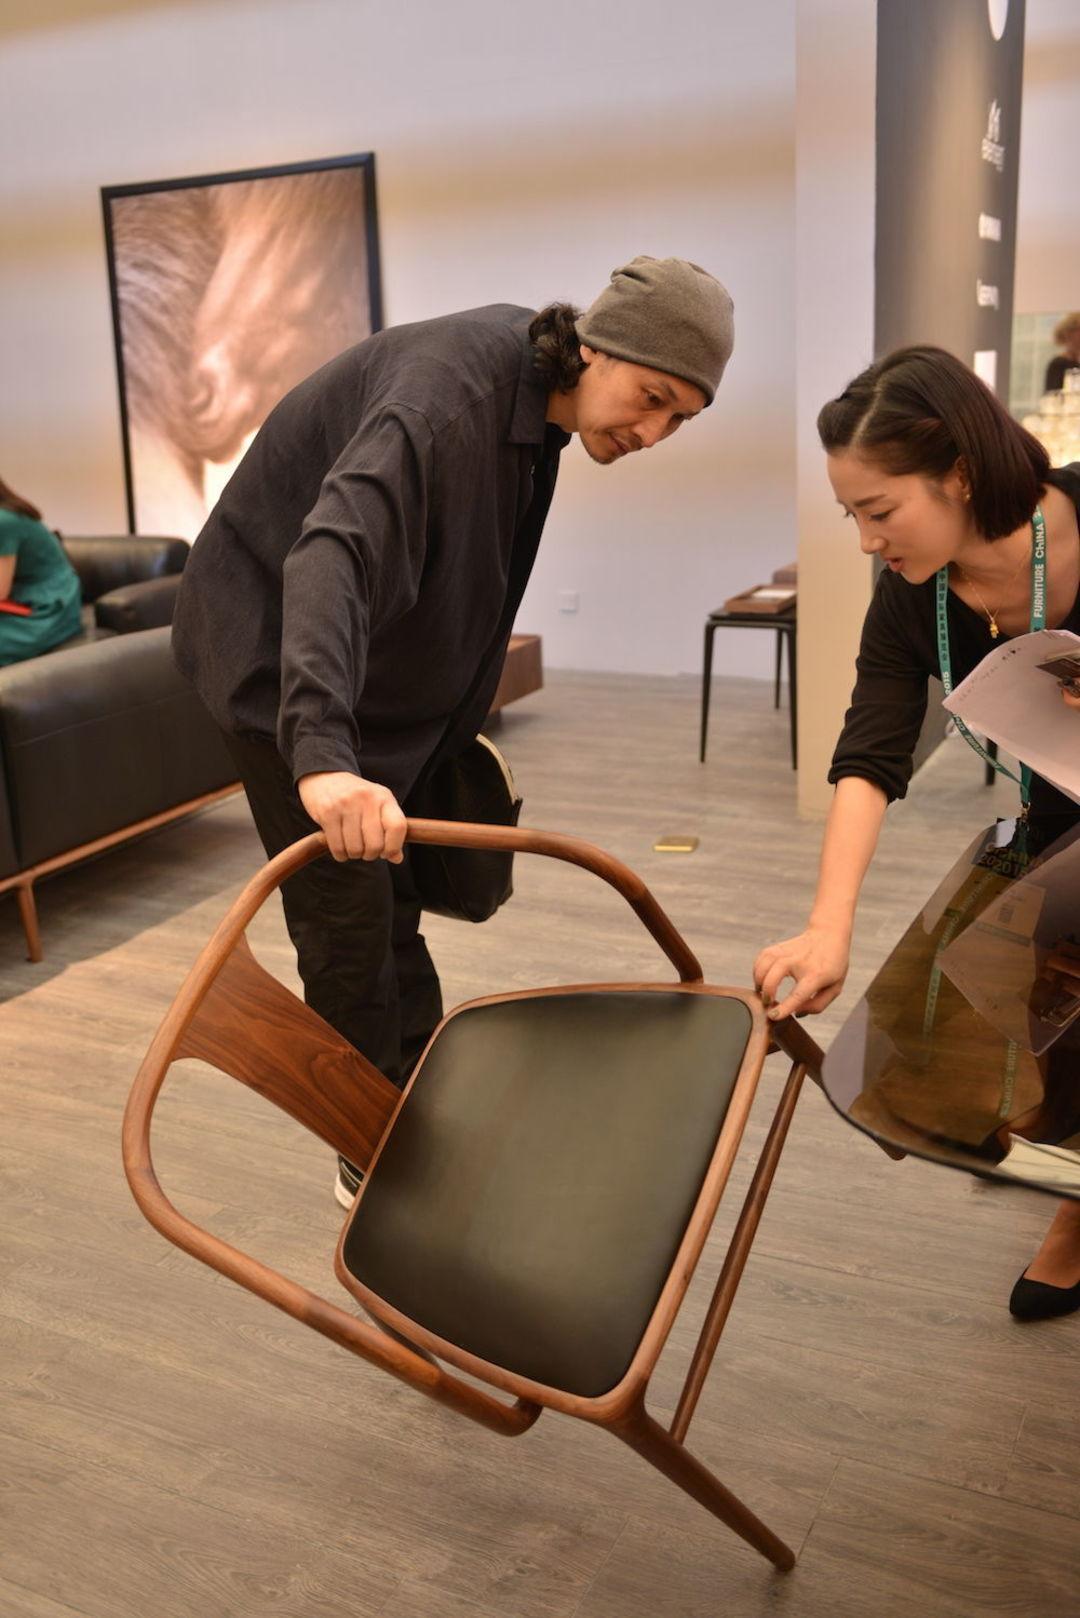 今年家具设计新潮流,看这 20 个单品就够了|2015 上海国际家具展_设计_好奇心日报